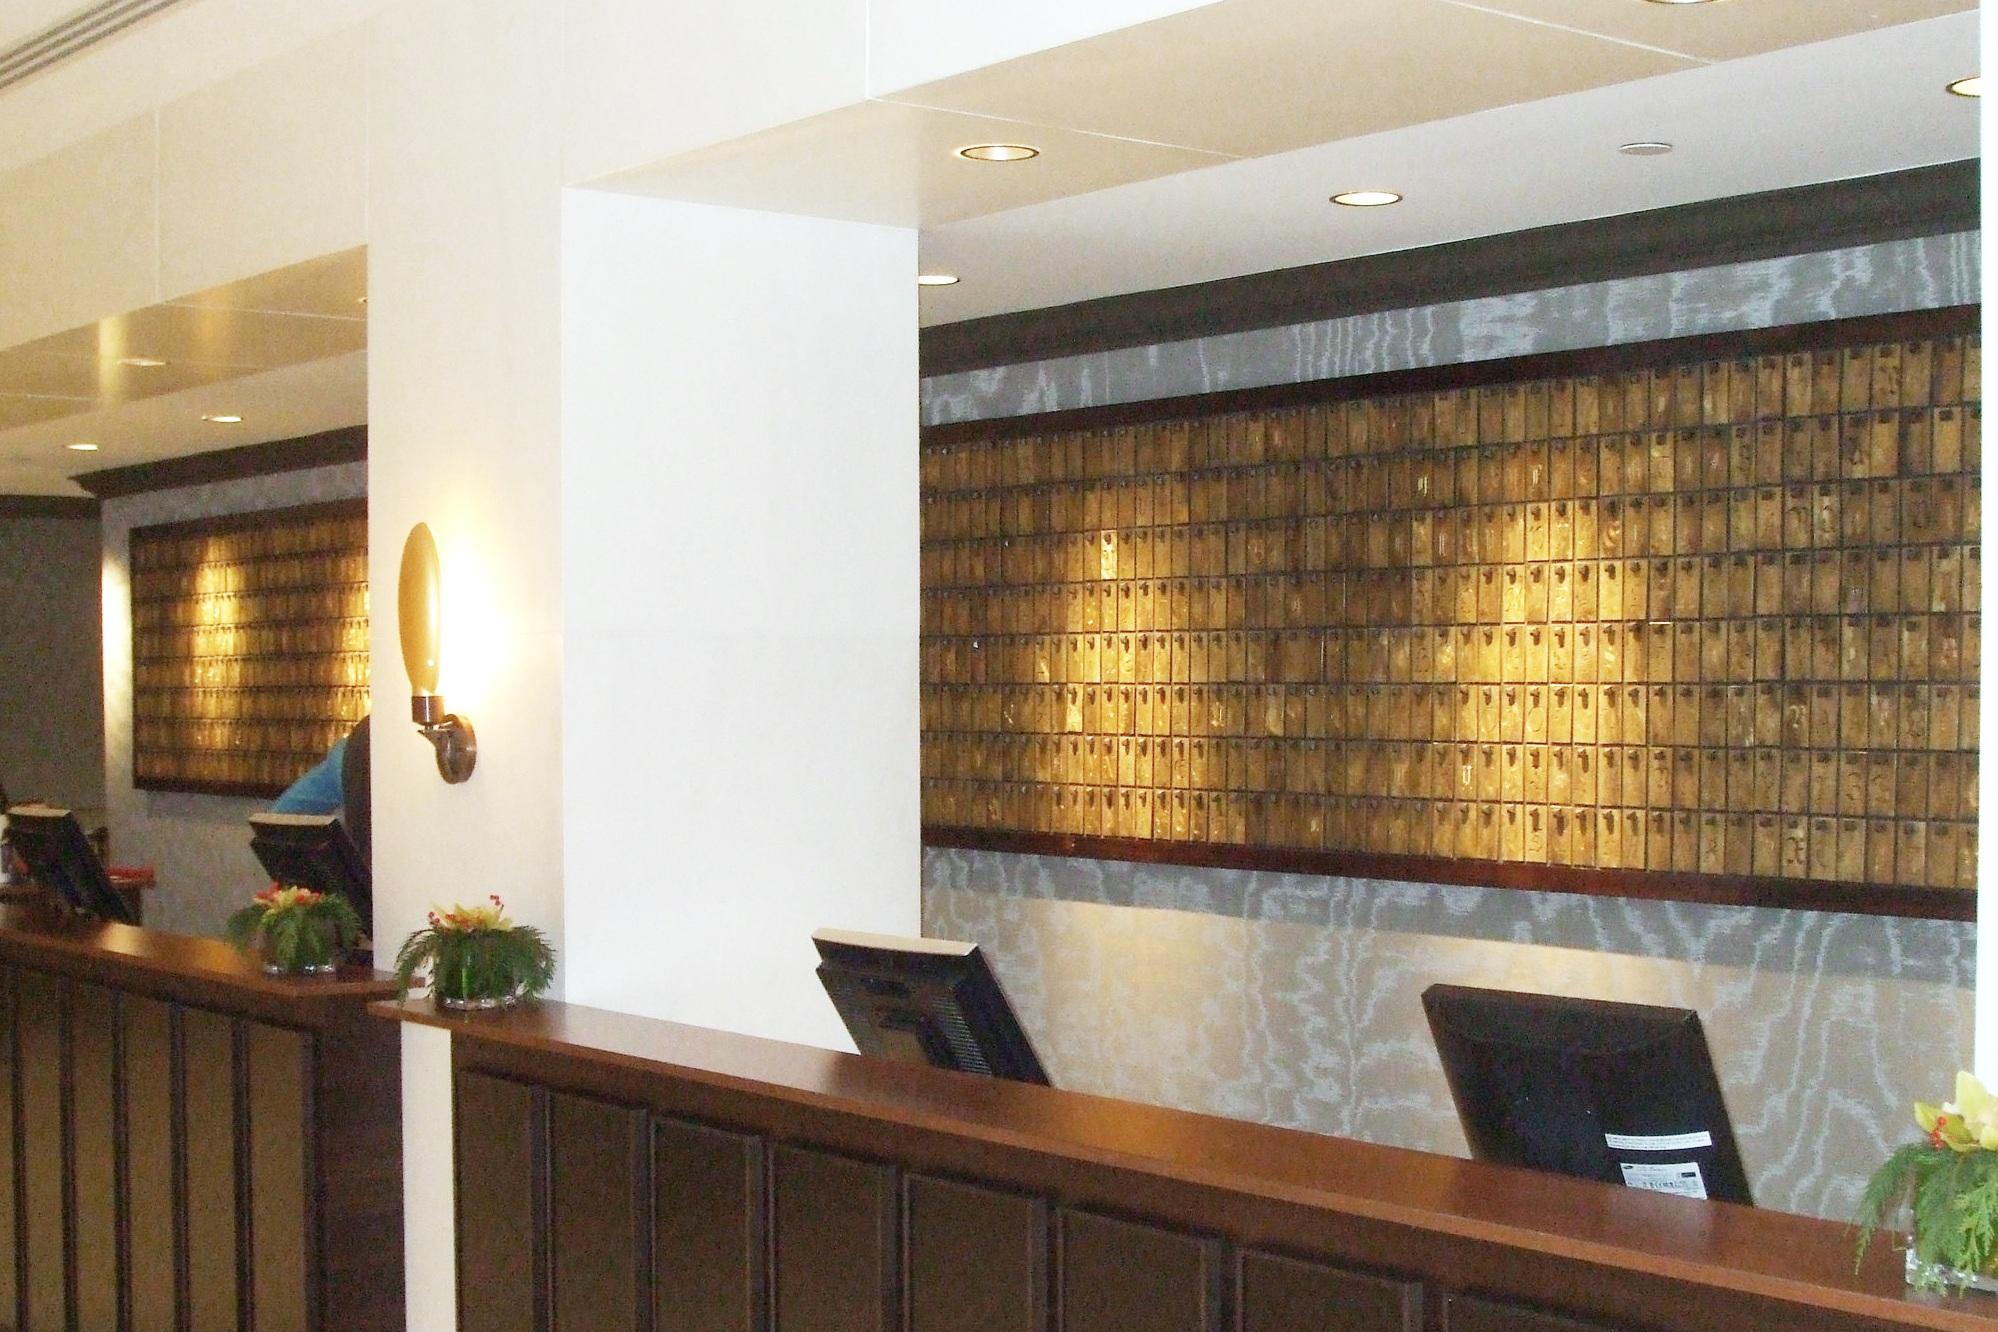 Fairmont Hotel, Vancouver, British Columbia, Canada